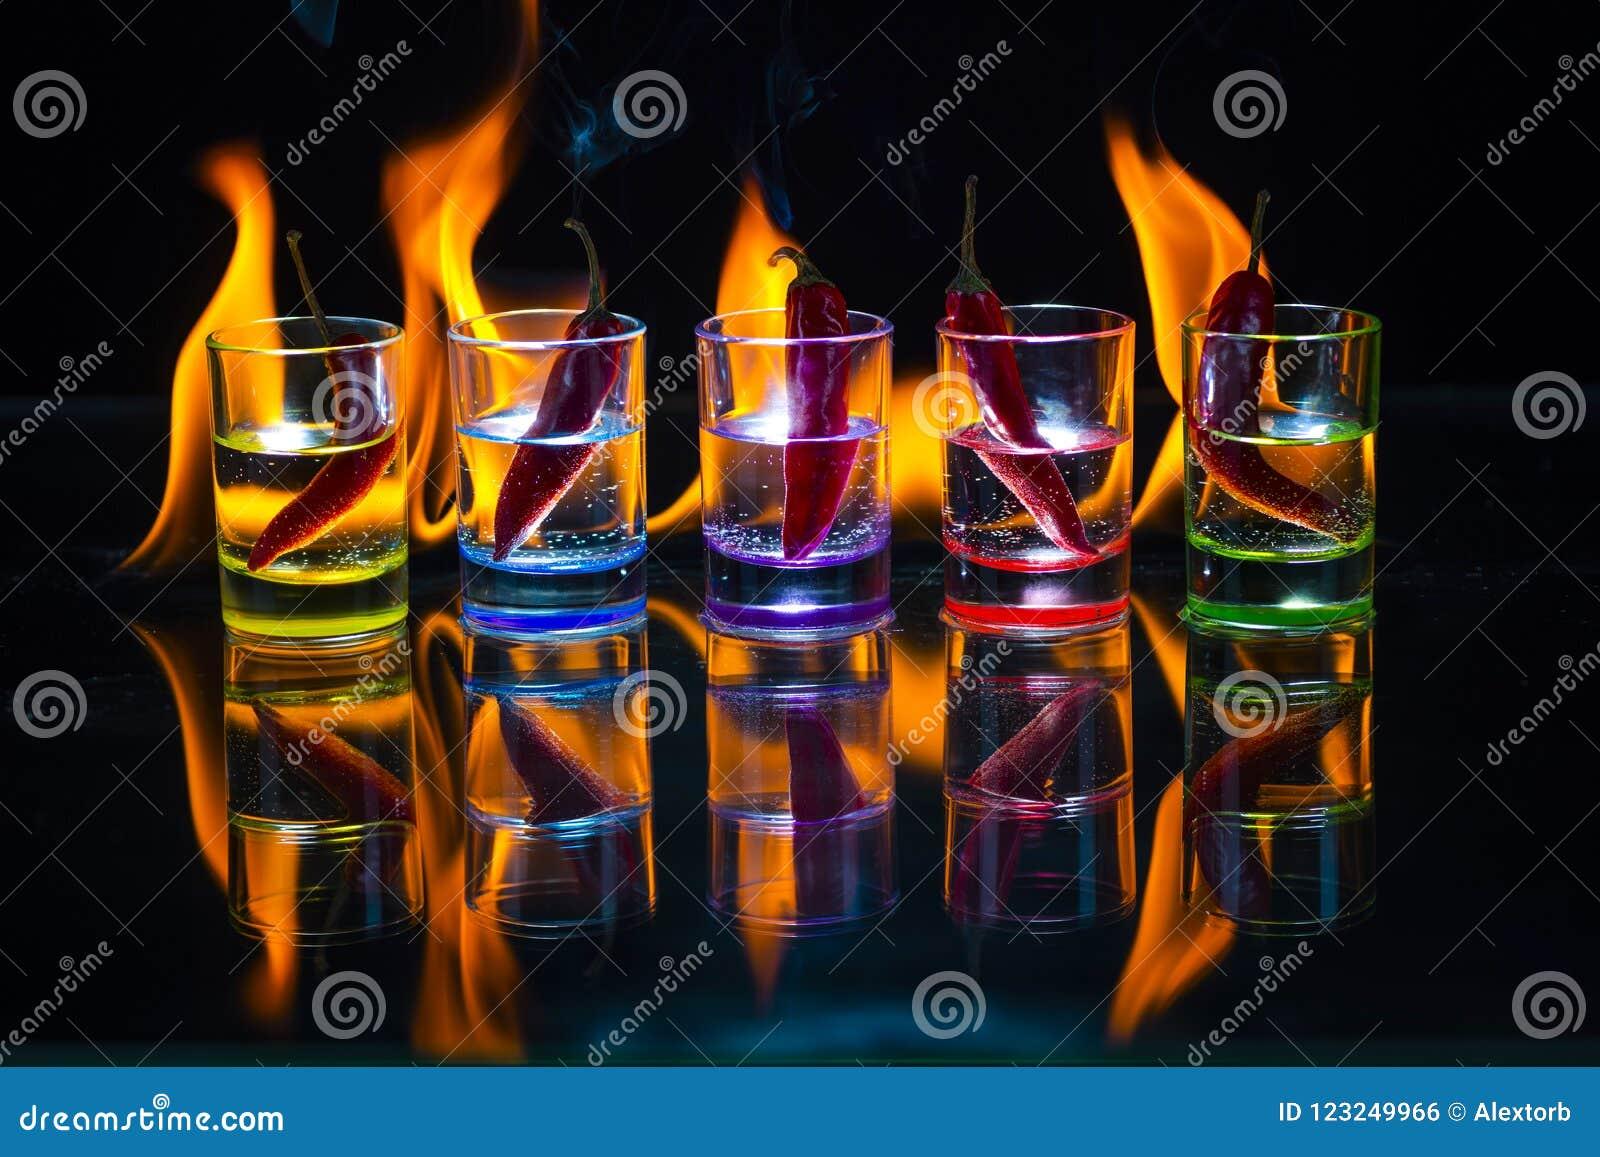 Cinco vasos de medida multicolores llenos de bebida y con el ch rojo